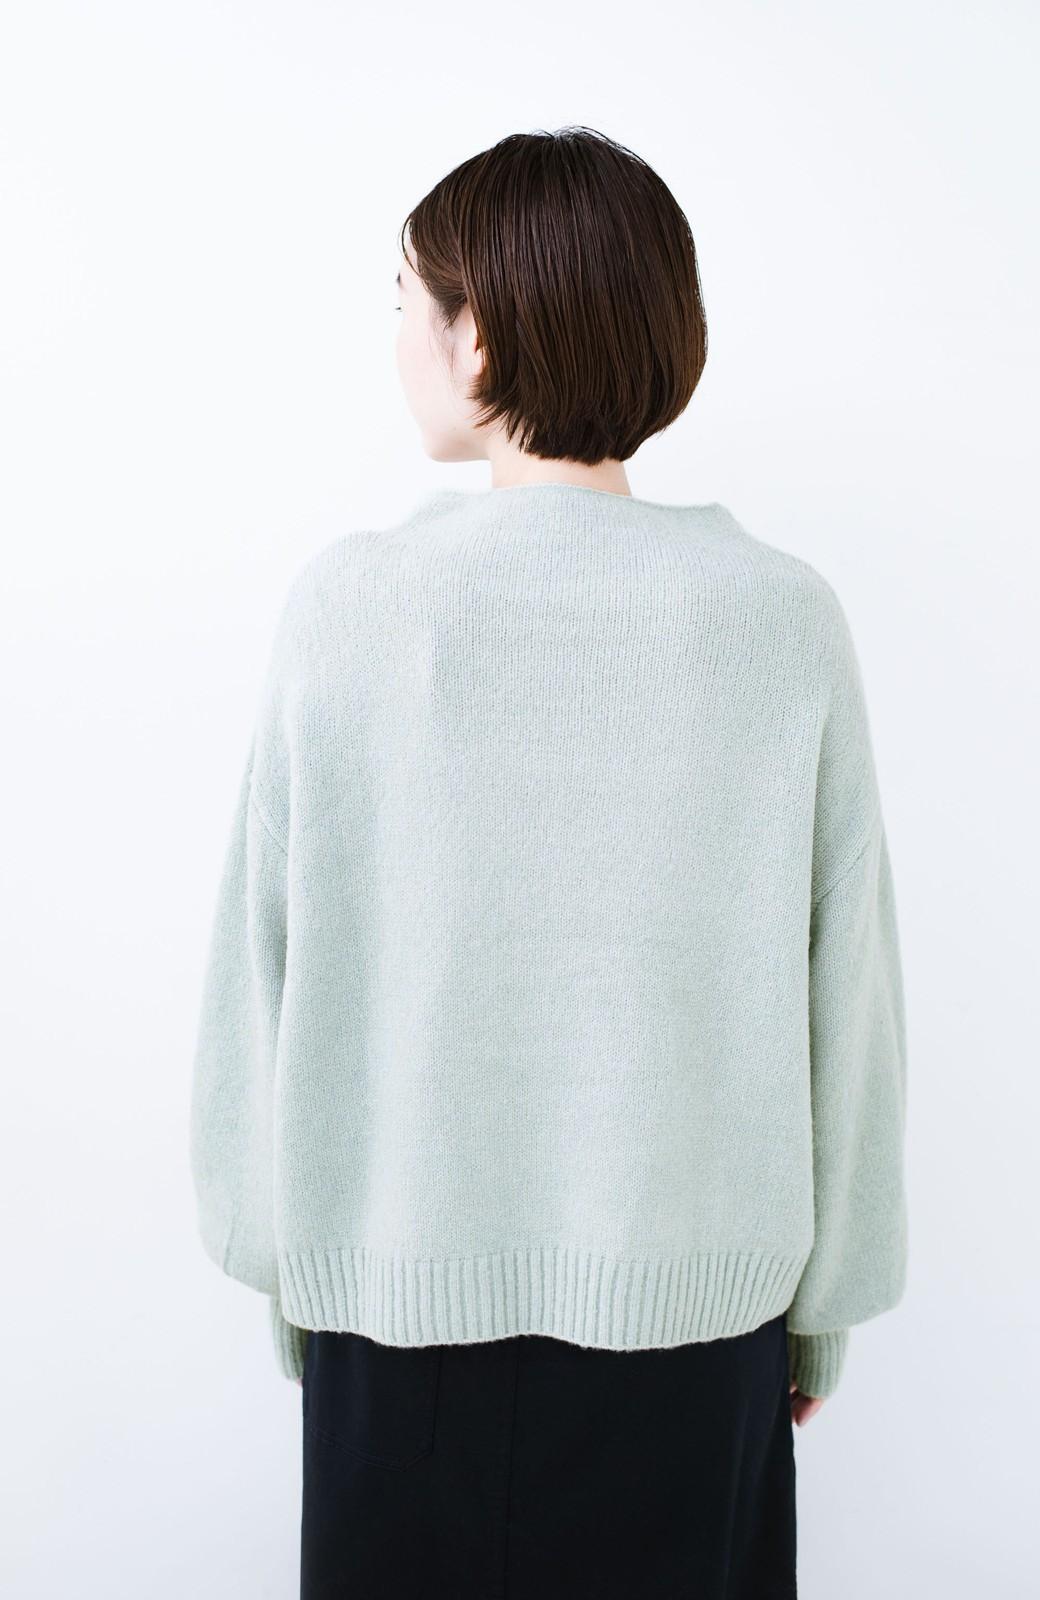 haco! パッと着るだけでかわいくなれる気がする ぷっくり袖のボトルネックニット <ライトグリーン>の商品写真11